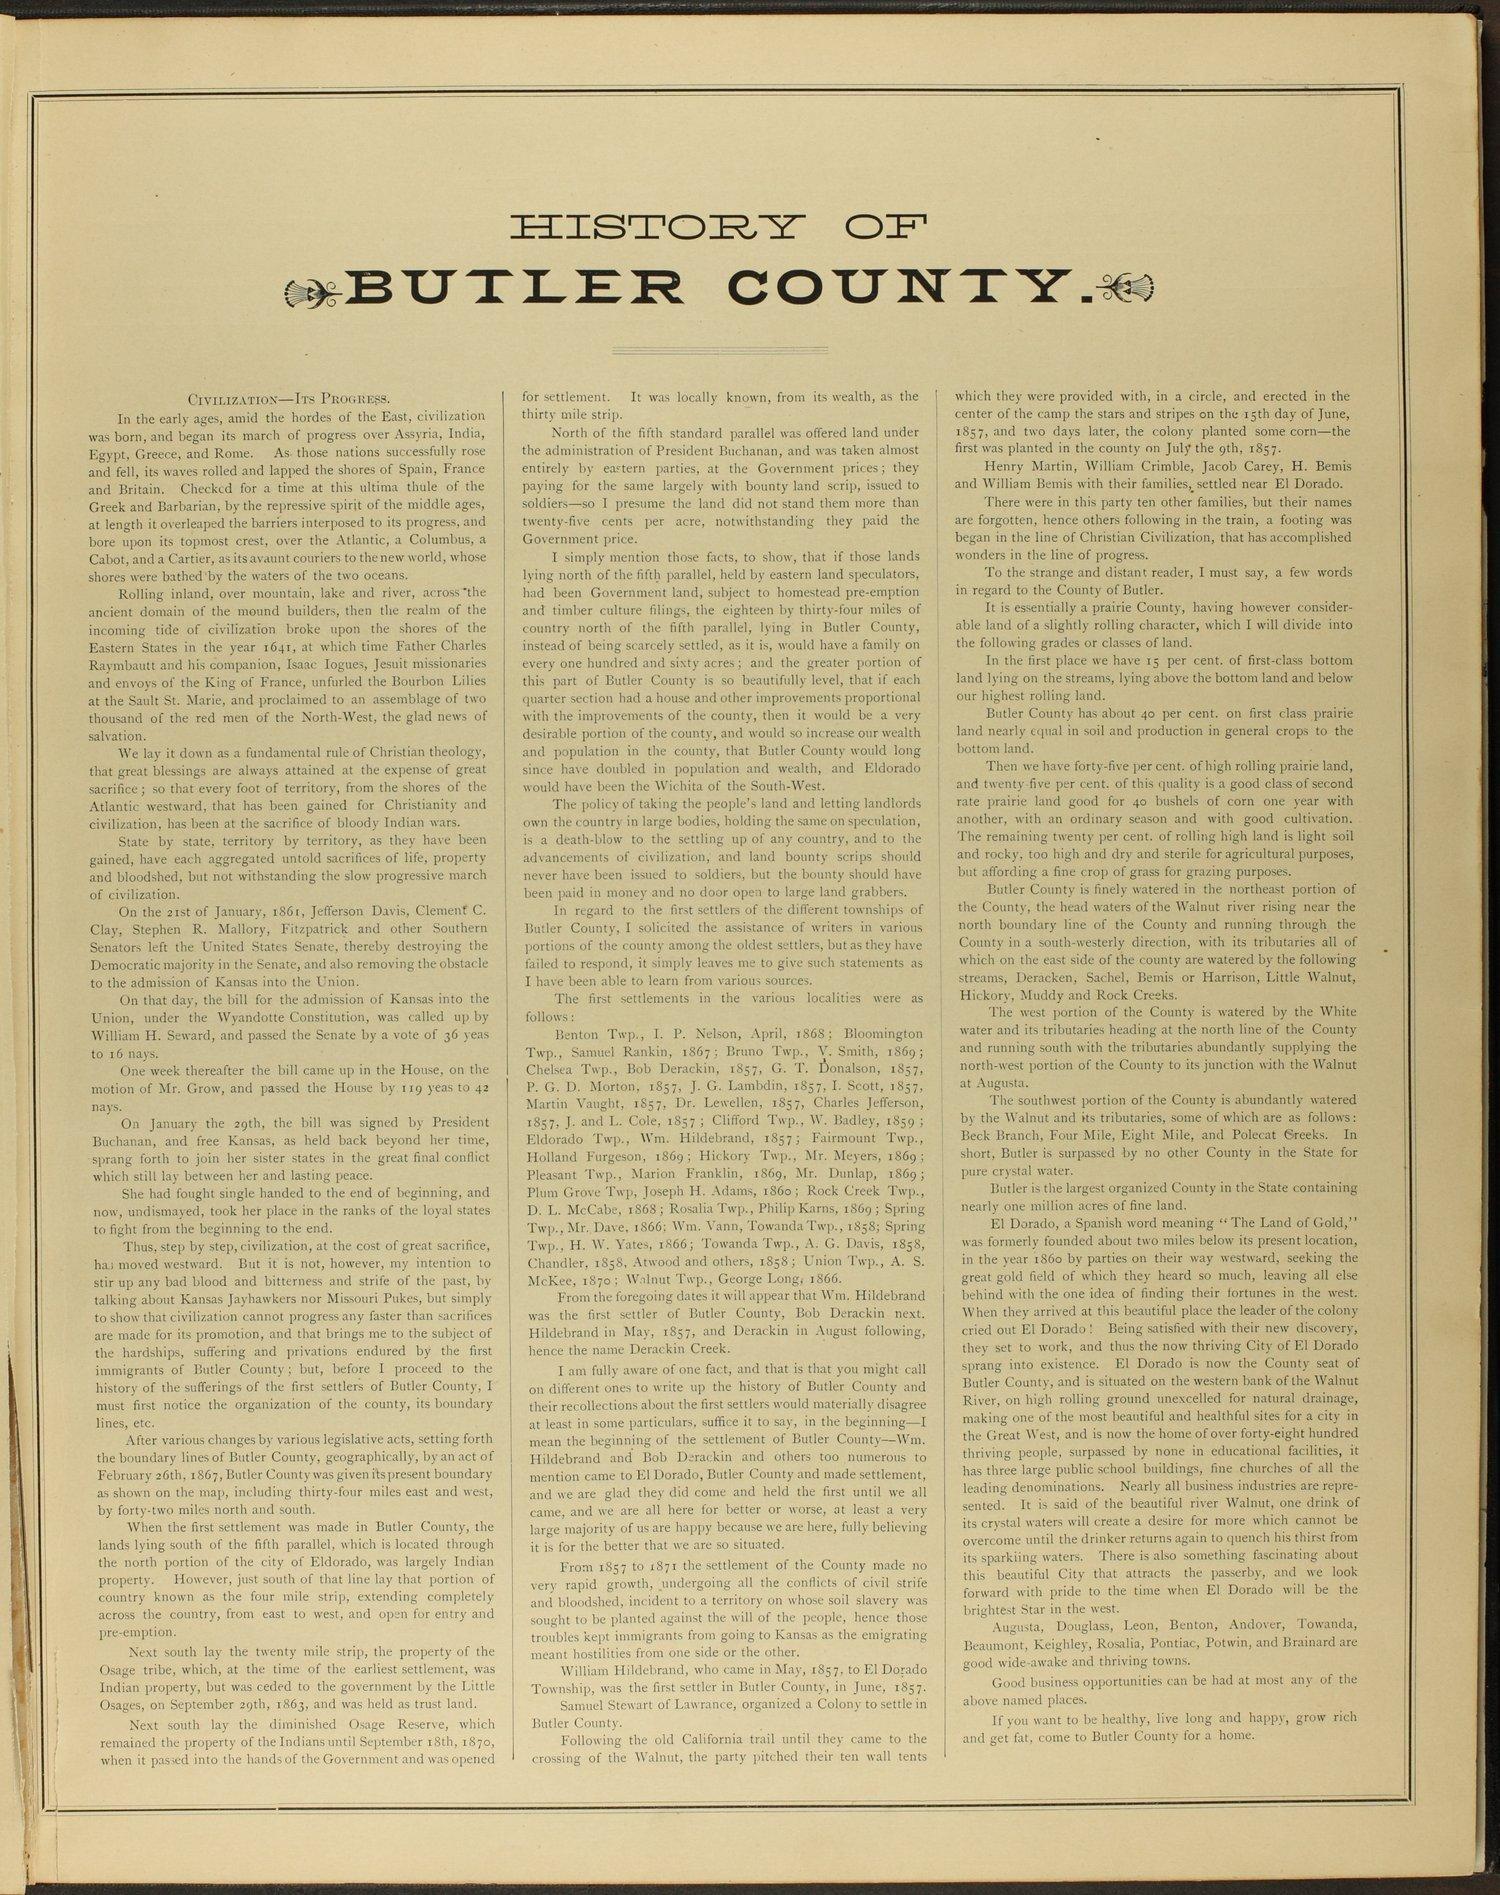 Historical atlas of Butler County, Kansas - 9